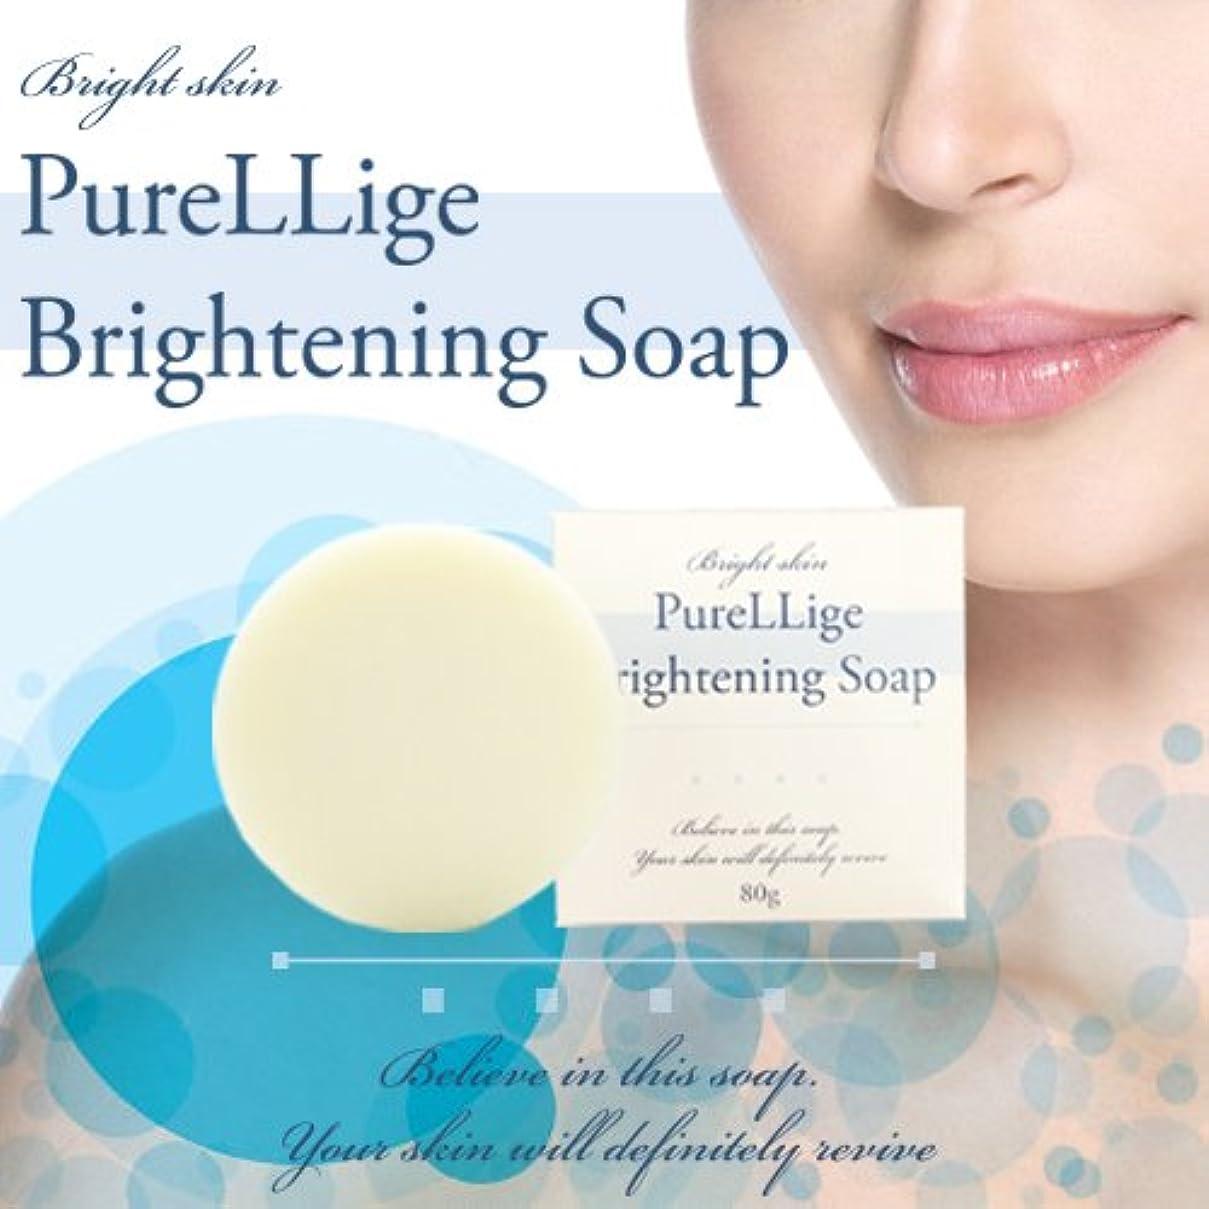 もっとビュッフェ食べるピュアリージェ ブライトニングソープ 石鹸 石けん 洗顔